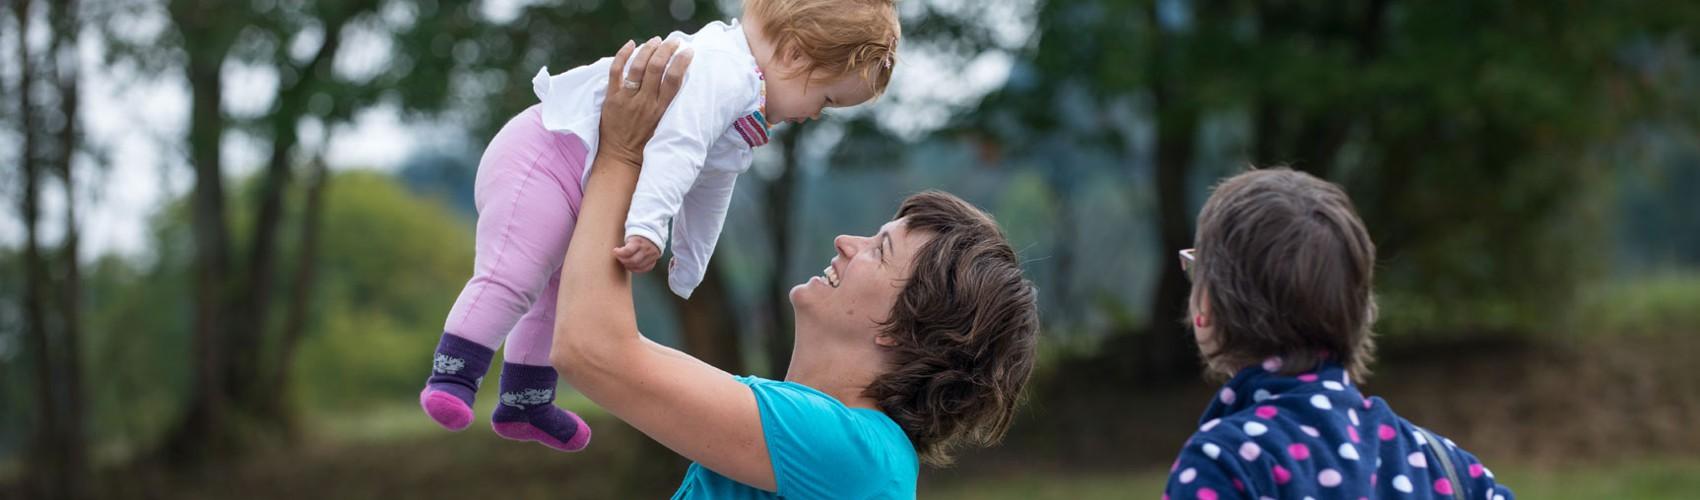 Hilfestellung im Familienalltag